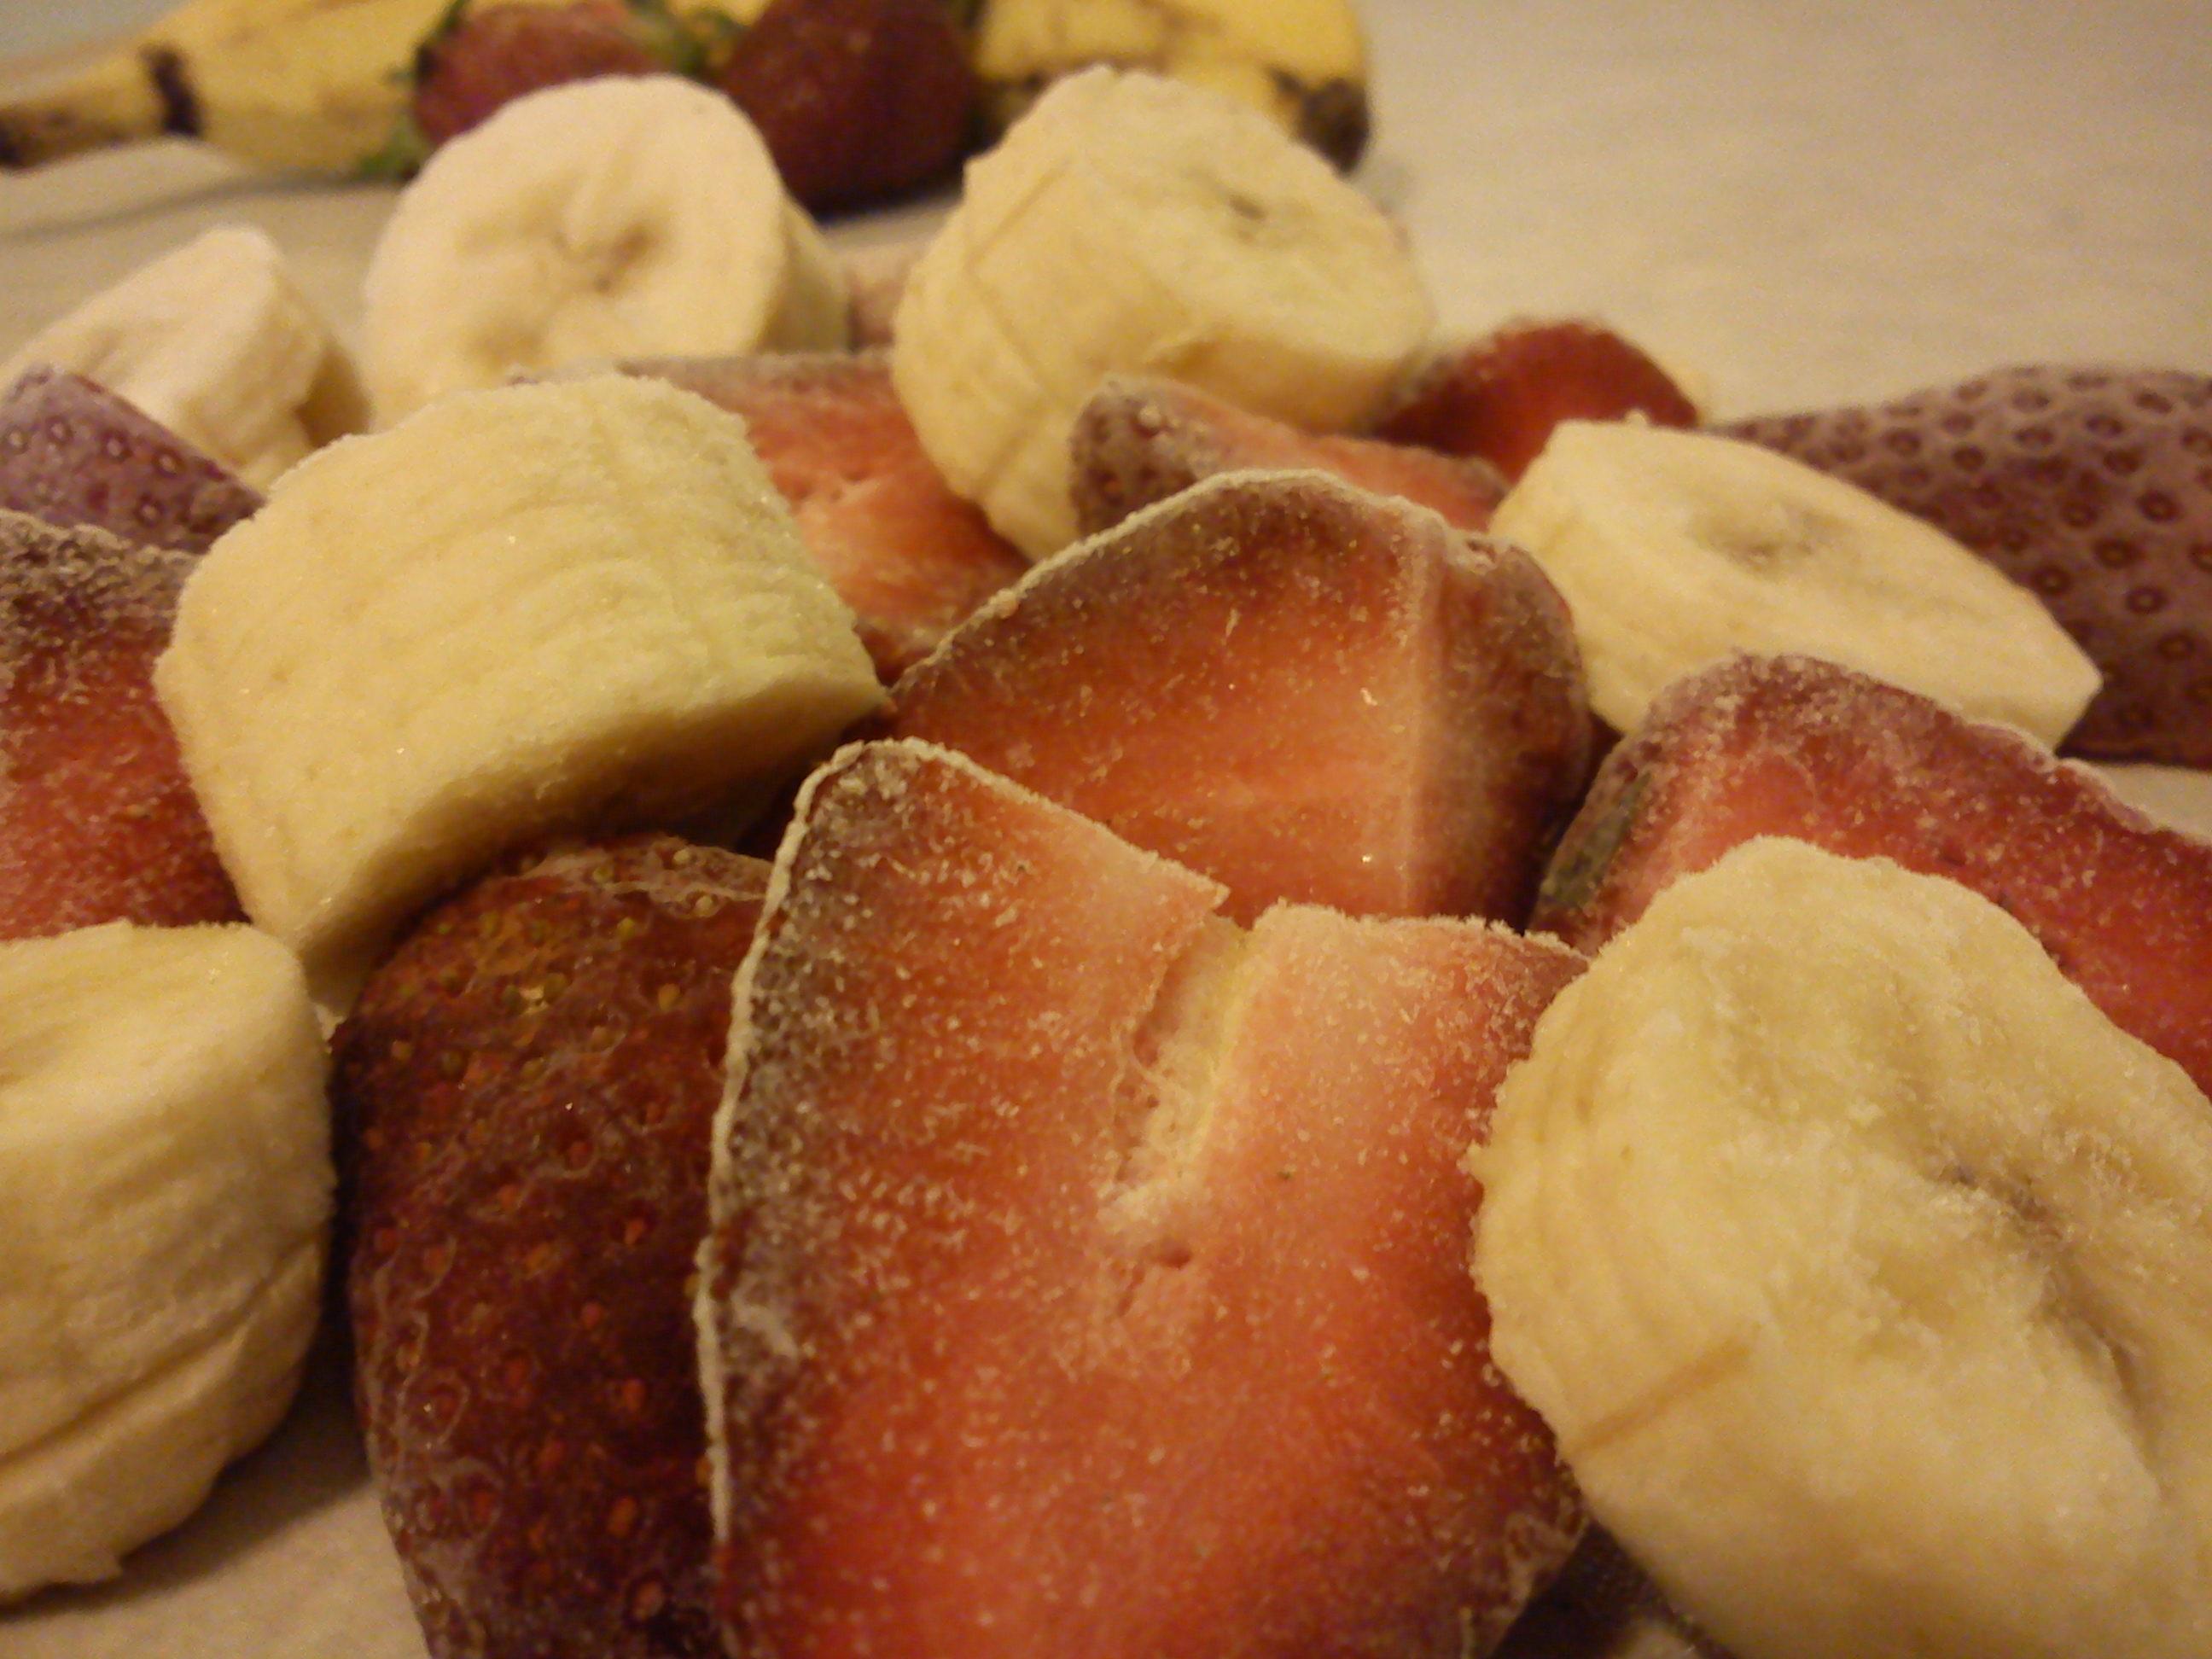 Πως διατηρούμε τα φρούτα